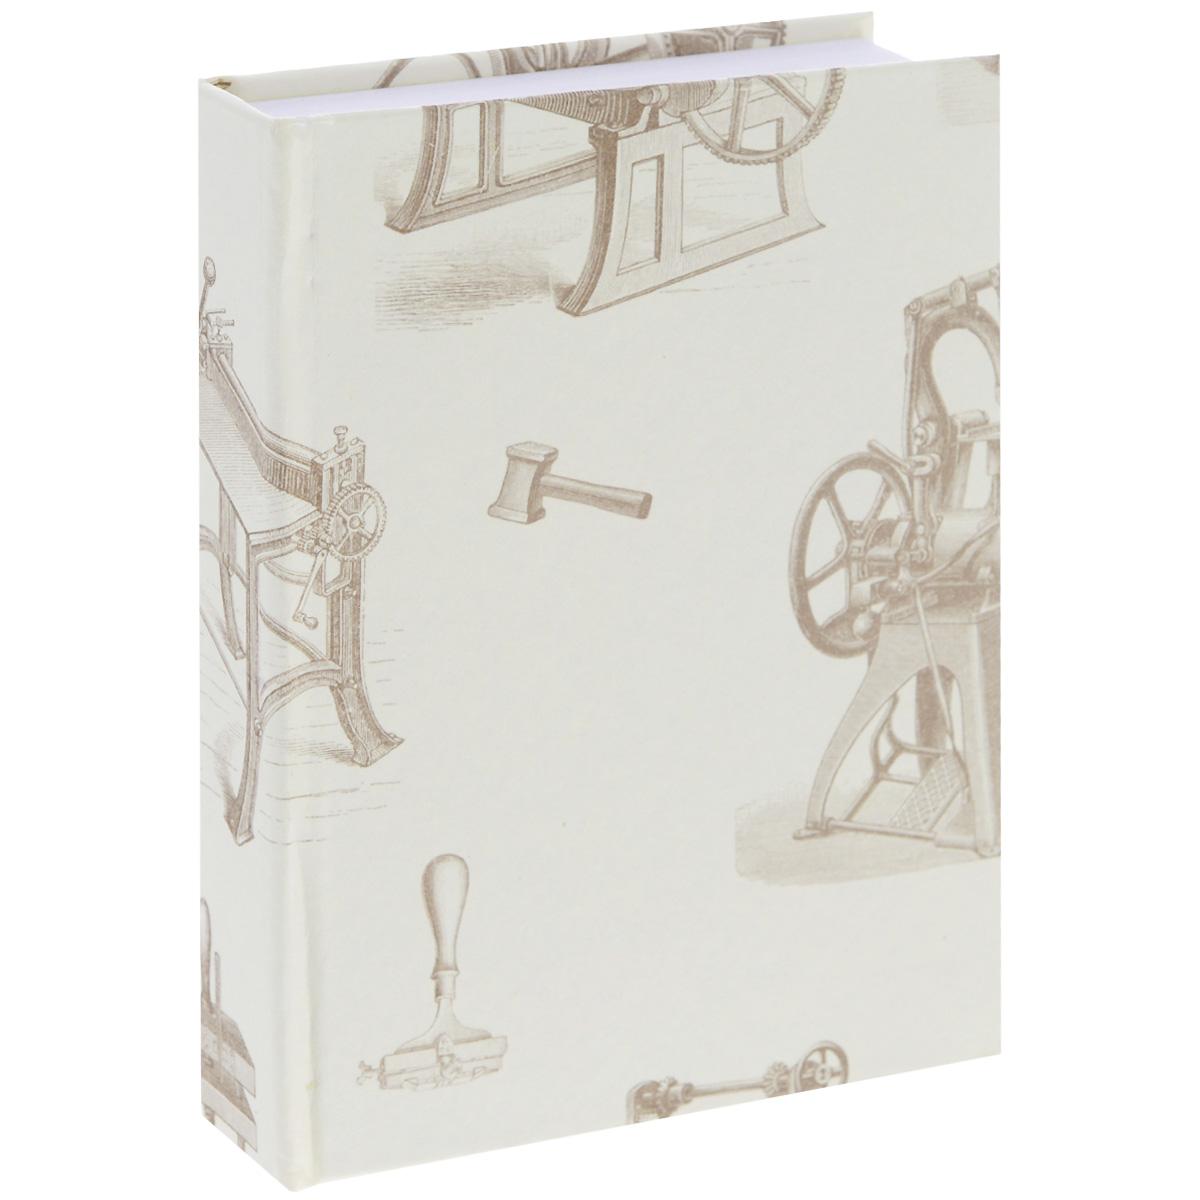 Блокнот Власта Артбук. Ретро, 7,5 х 10 см, 150 листов12-11/ГПБлокнот Власта Артбук. Ретро с отрывными листами предназначен для набросков и записей. Жесткая картонная обложка украшена изображением старых механизмов и инструментов. Блок содержит 150 белых листов без разметок размера 7,5 х 10 см с логотипом Artbook. Такой блокнот удобен тем, что может легко умещаться в дамской сумочке и в барсетке. Жесткая (книжная) обложка предохраняет листы от порчи и замятия. Общий размер блокнота: 8 х 10,5 см. Количество листов: 150. Размер листов: 7,5 х 10 см.